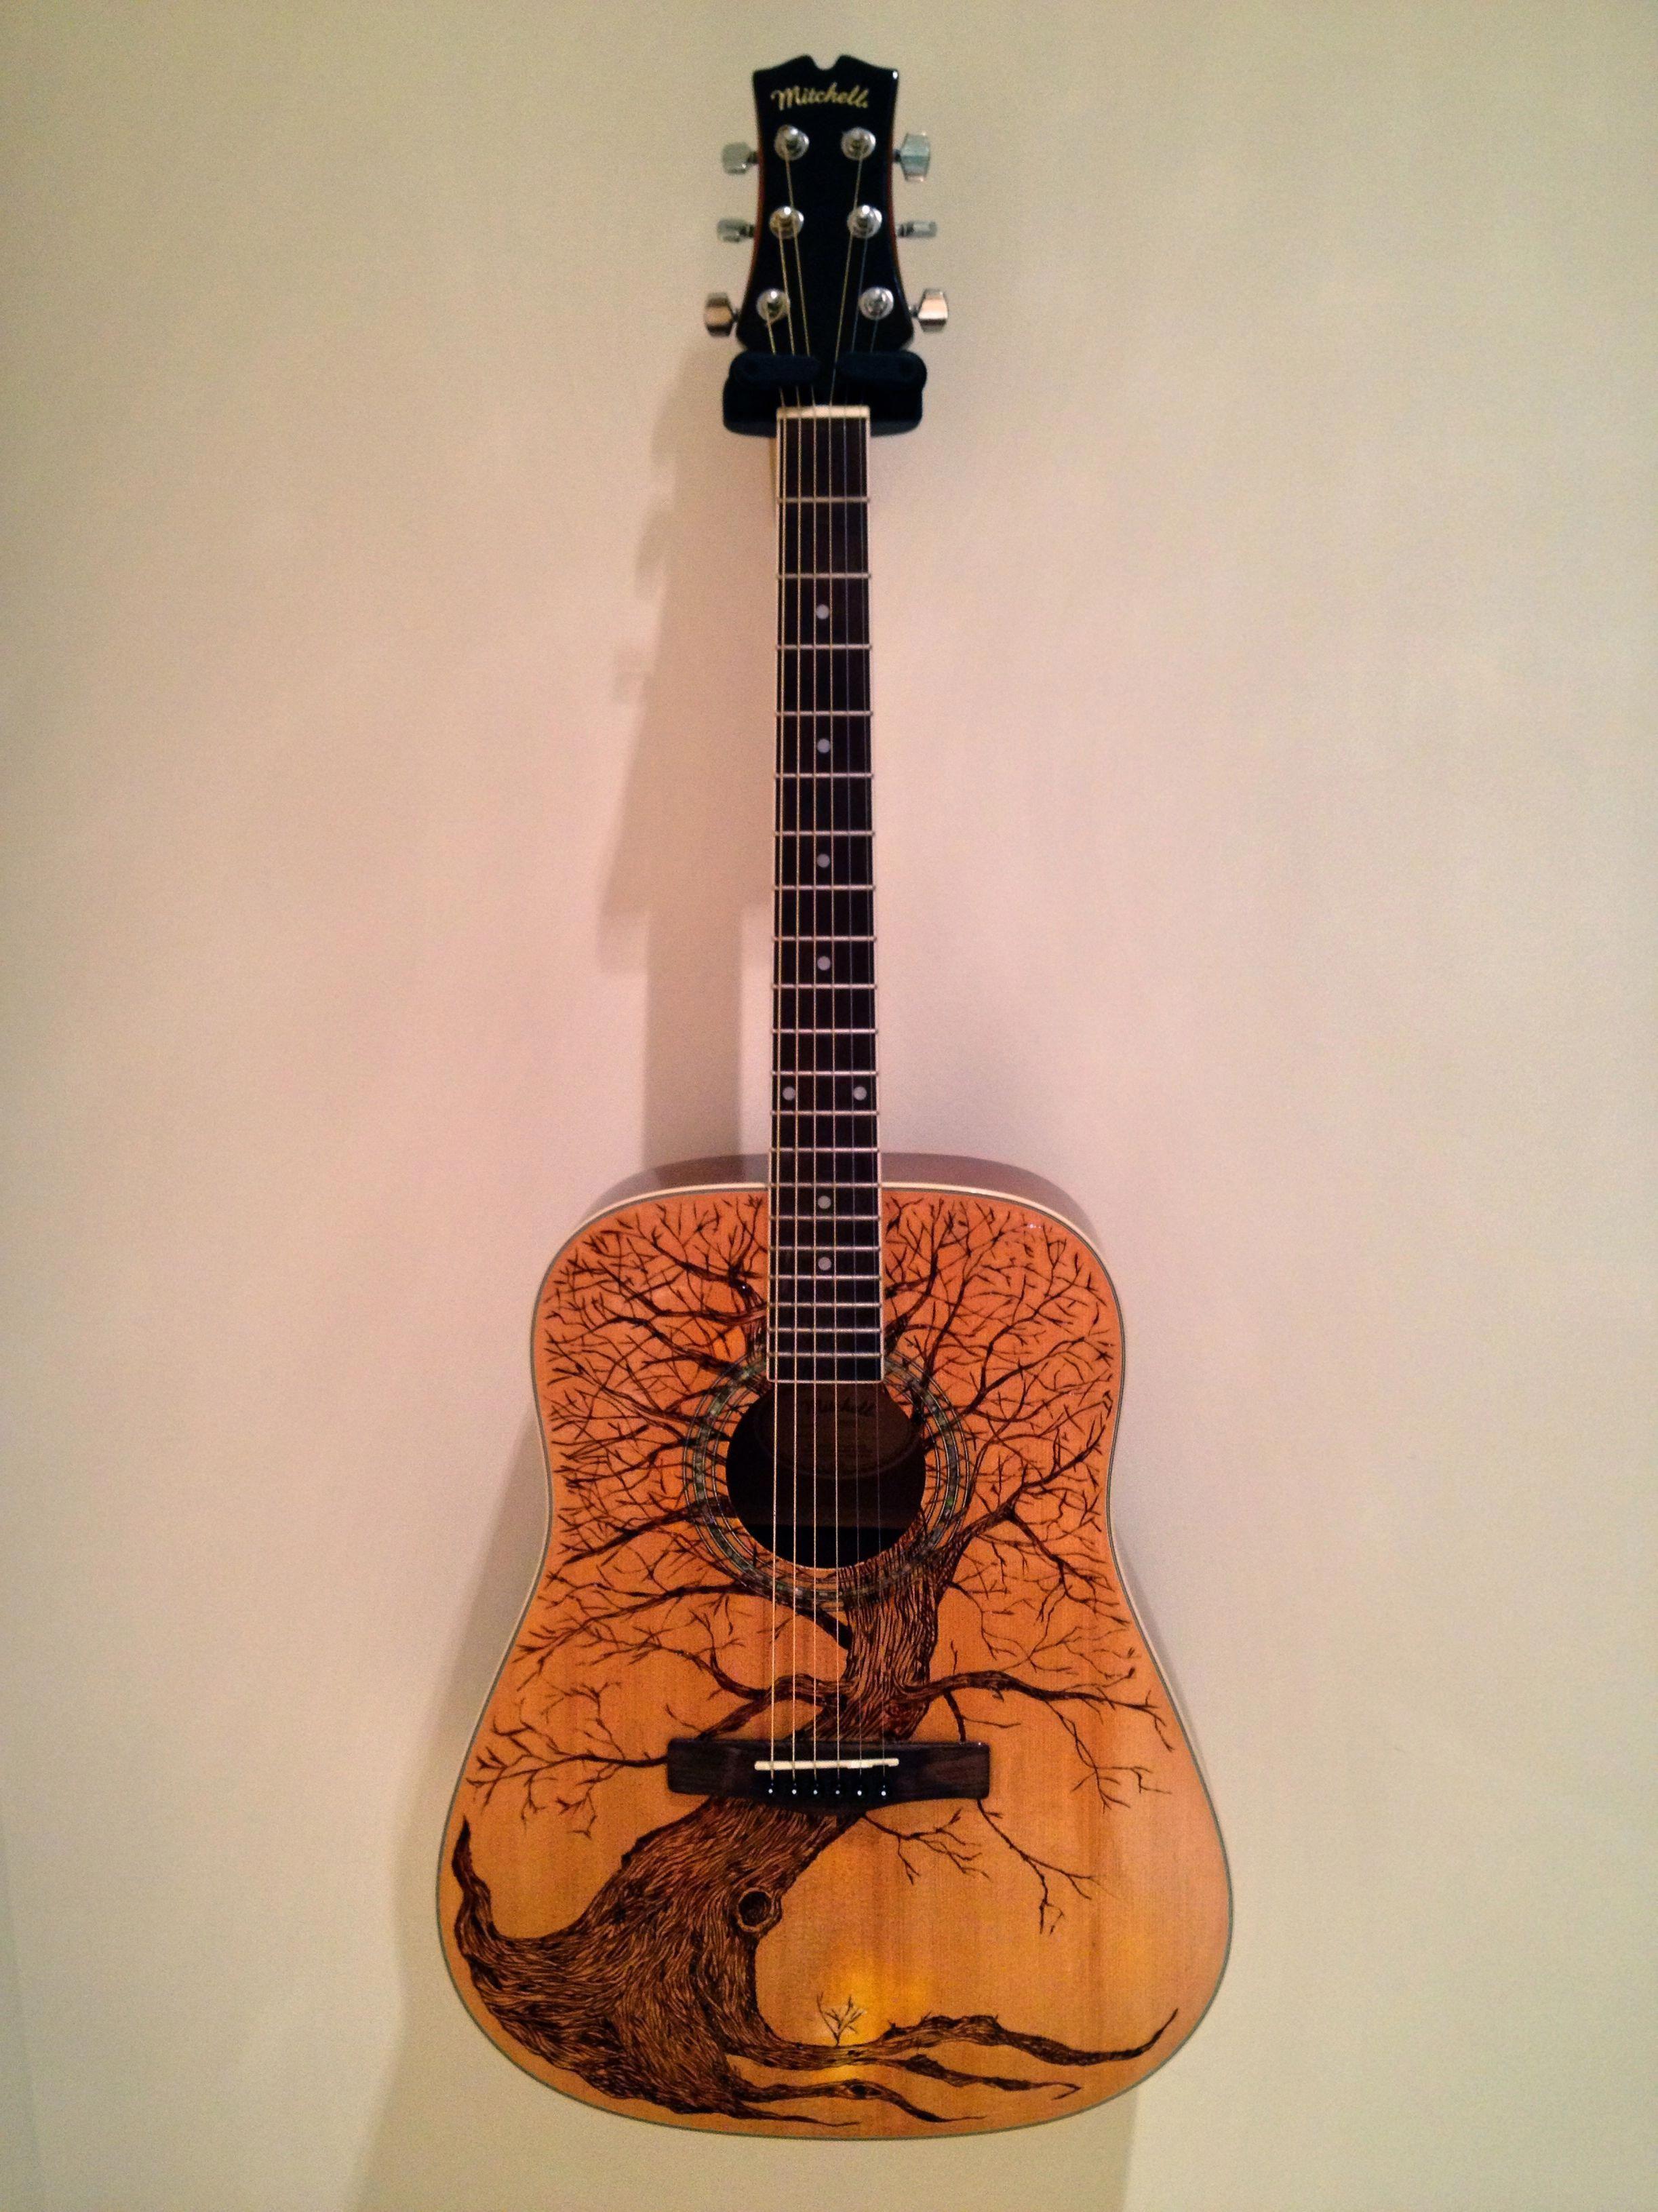 Acoustic Guitars 7585 Acousticguitars Guitar Art Guitar Painting Best Acoustic Guitar